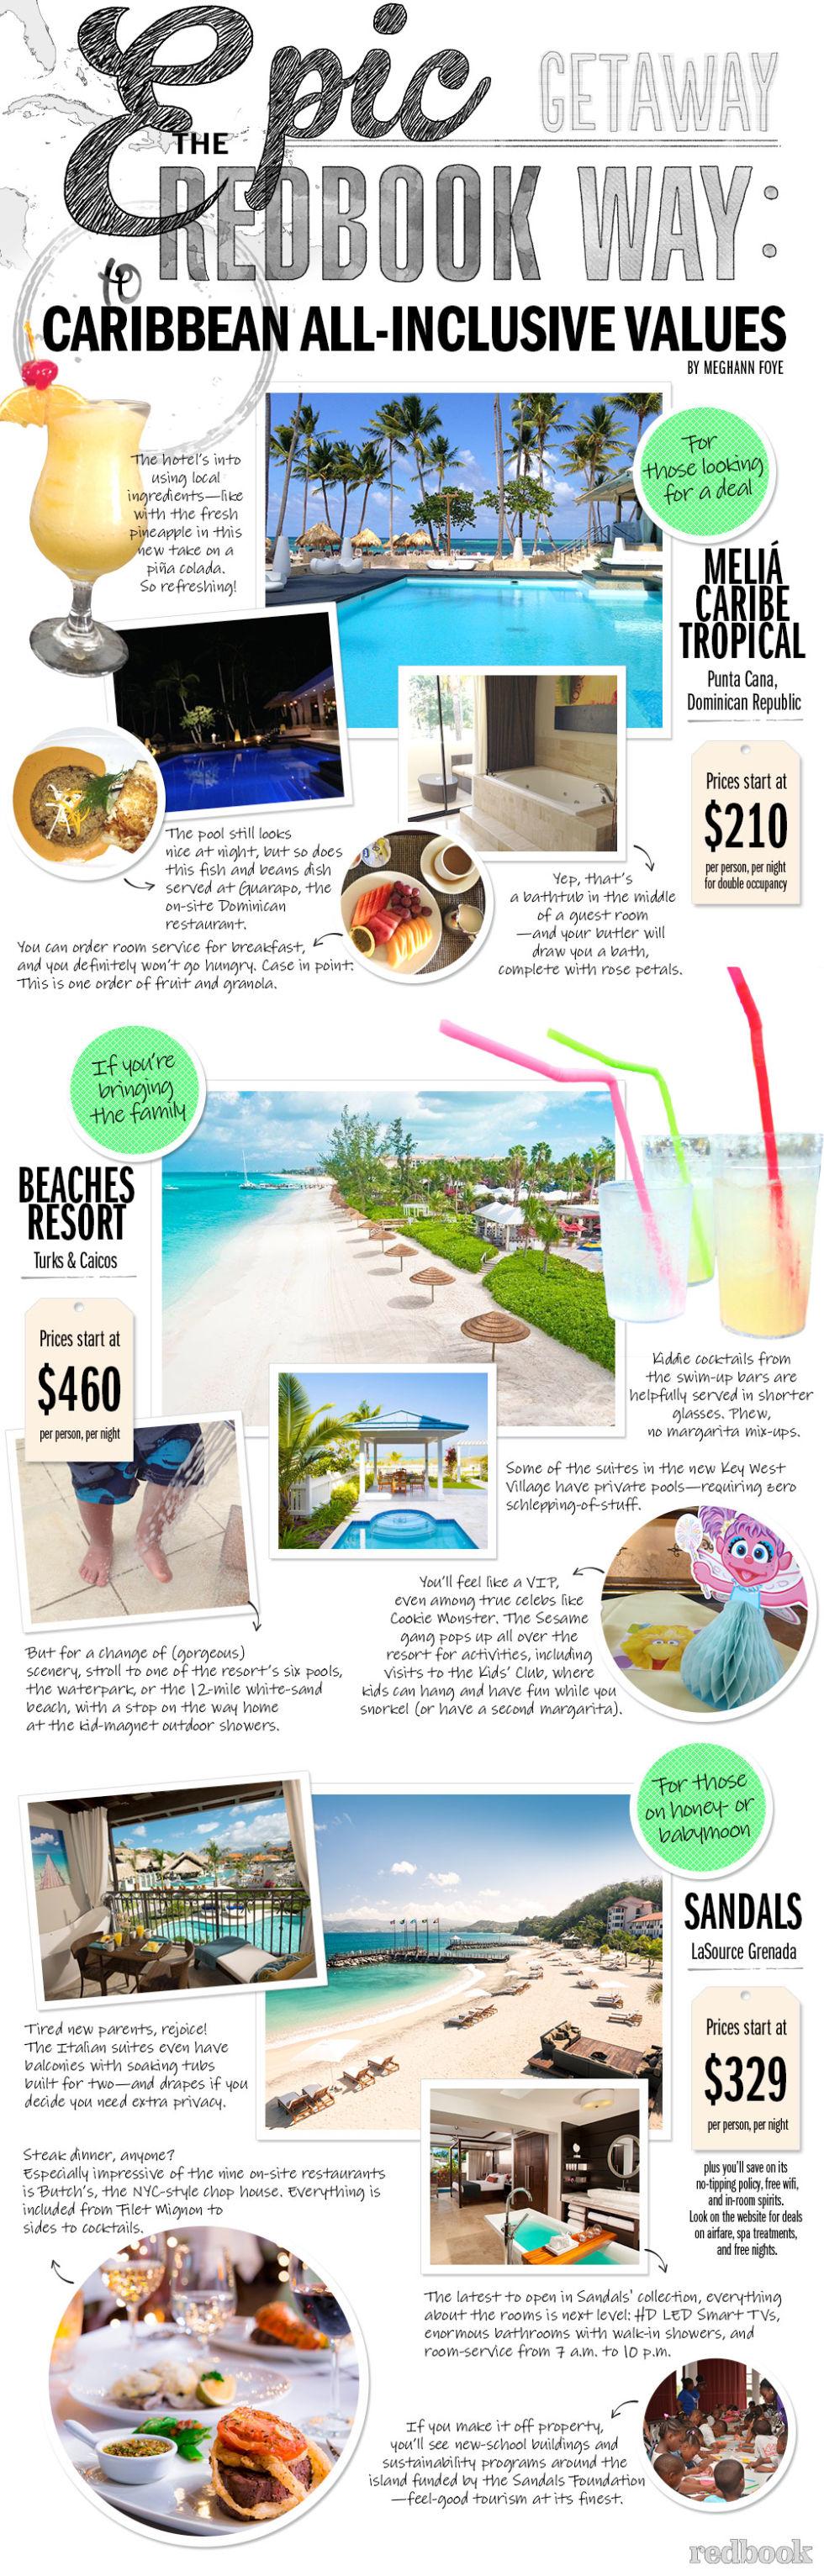 The Best Rimelig All-Inclusive Resorts (BILDER) - AOL Reiser Ideer